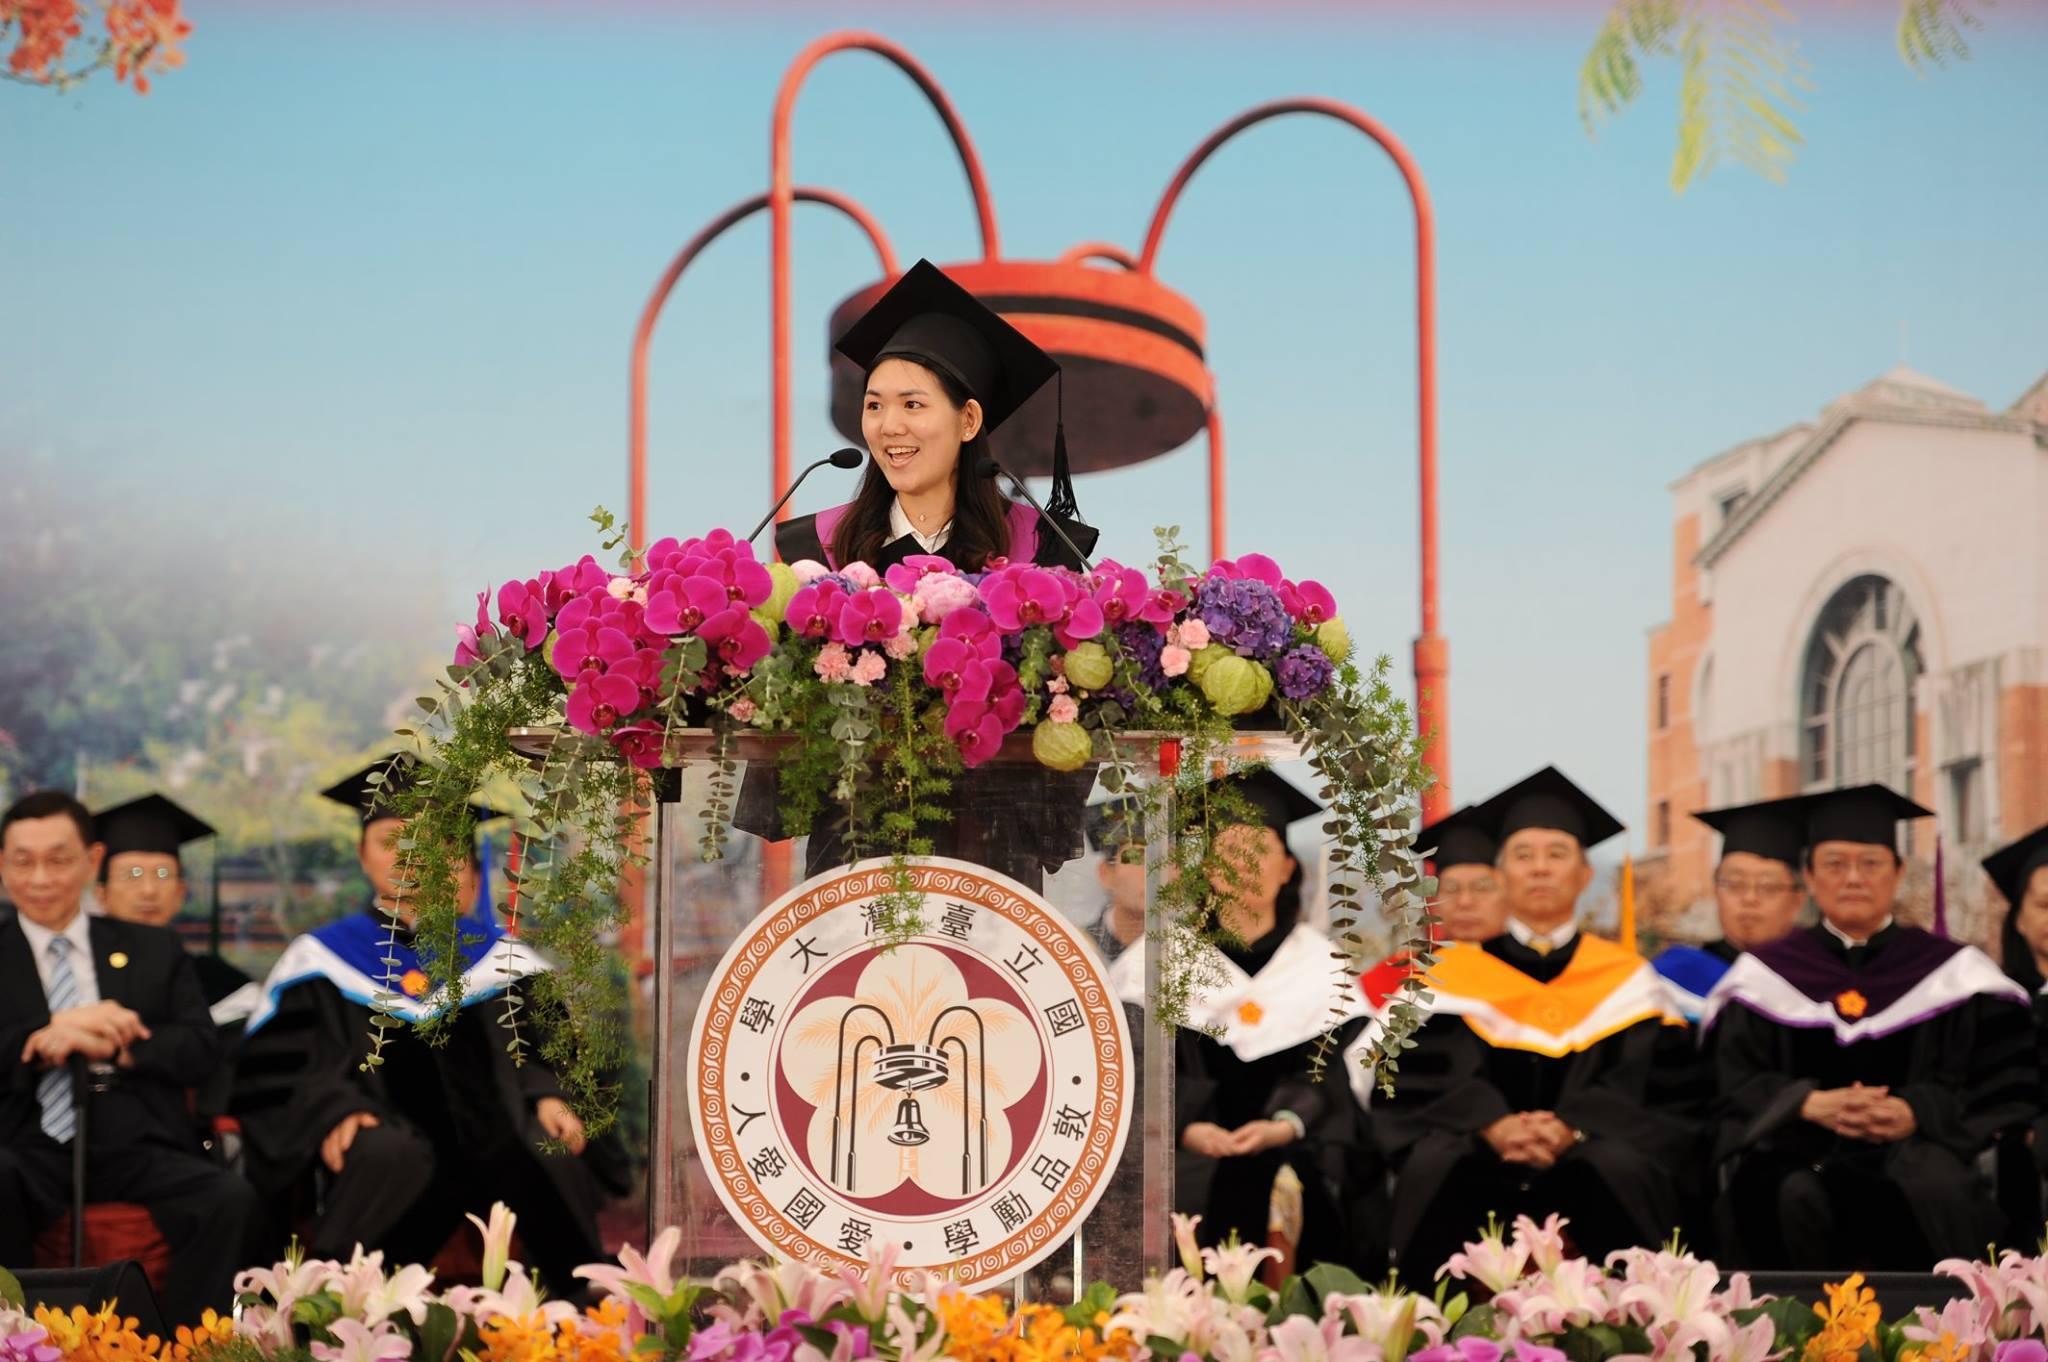 台大畢業生代表致詞 「我們都在尋找的道路上」-台大校友